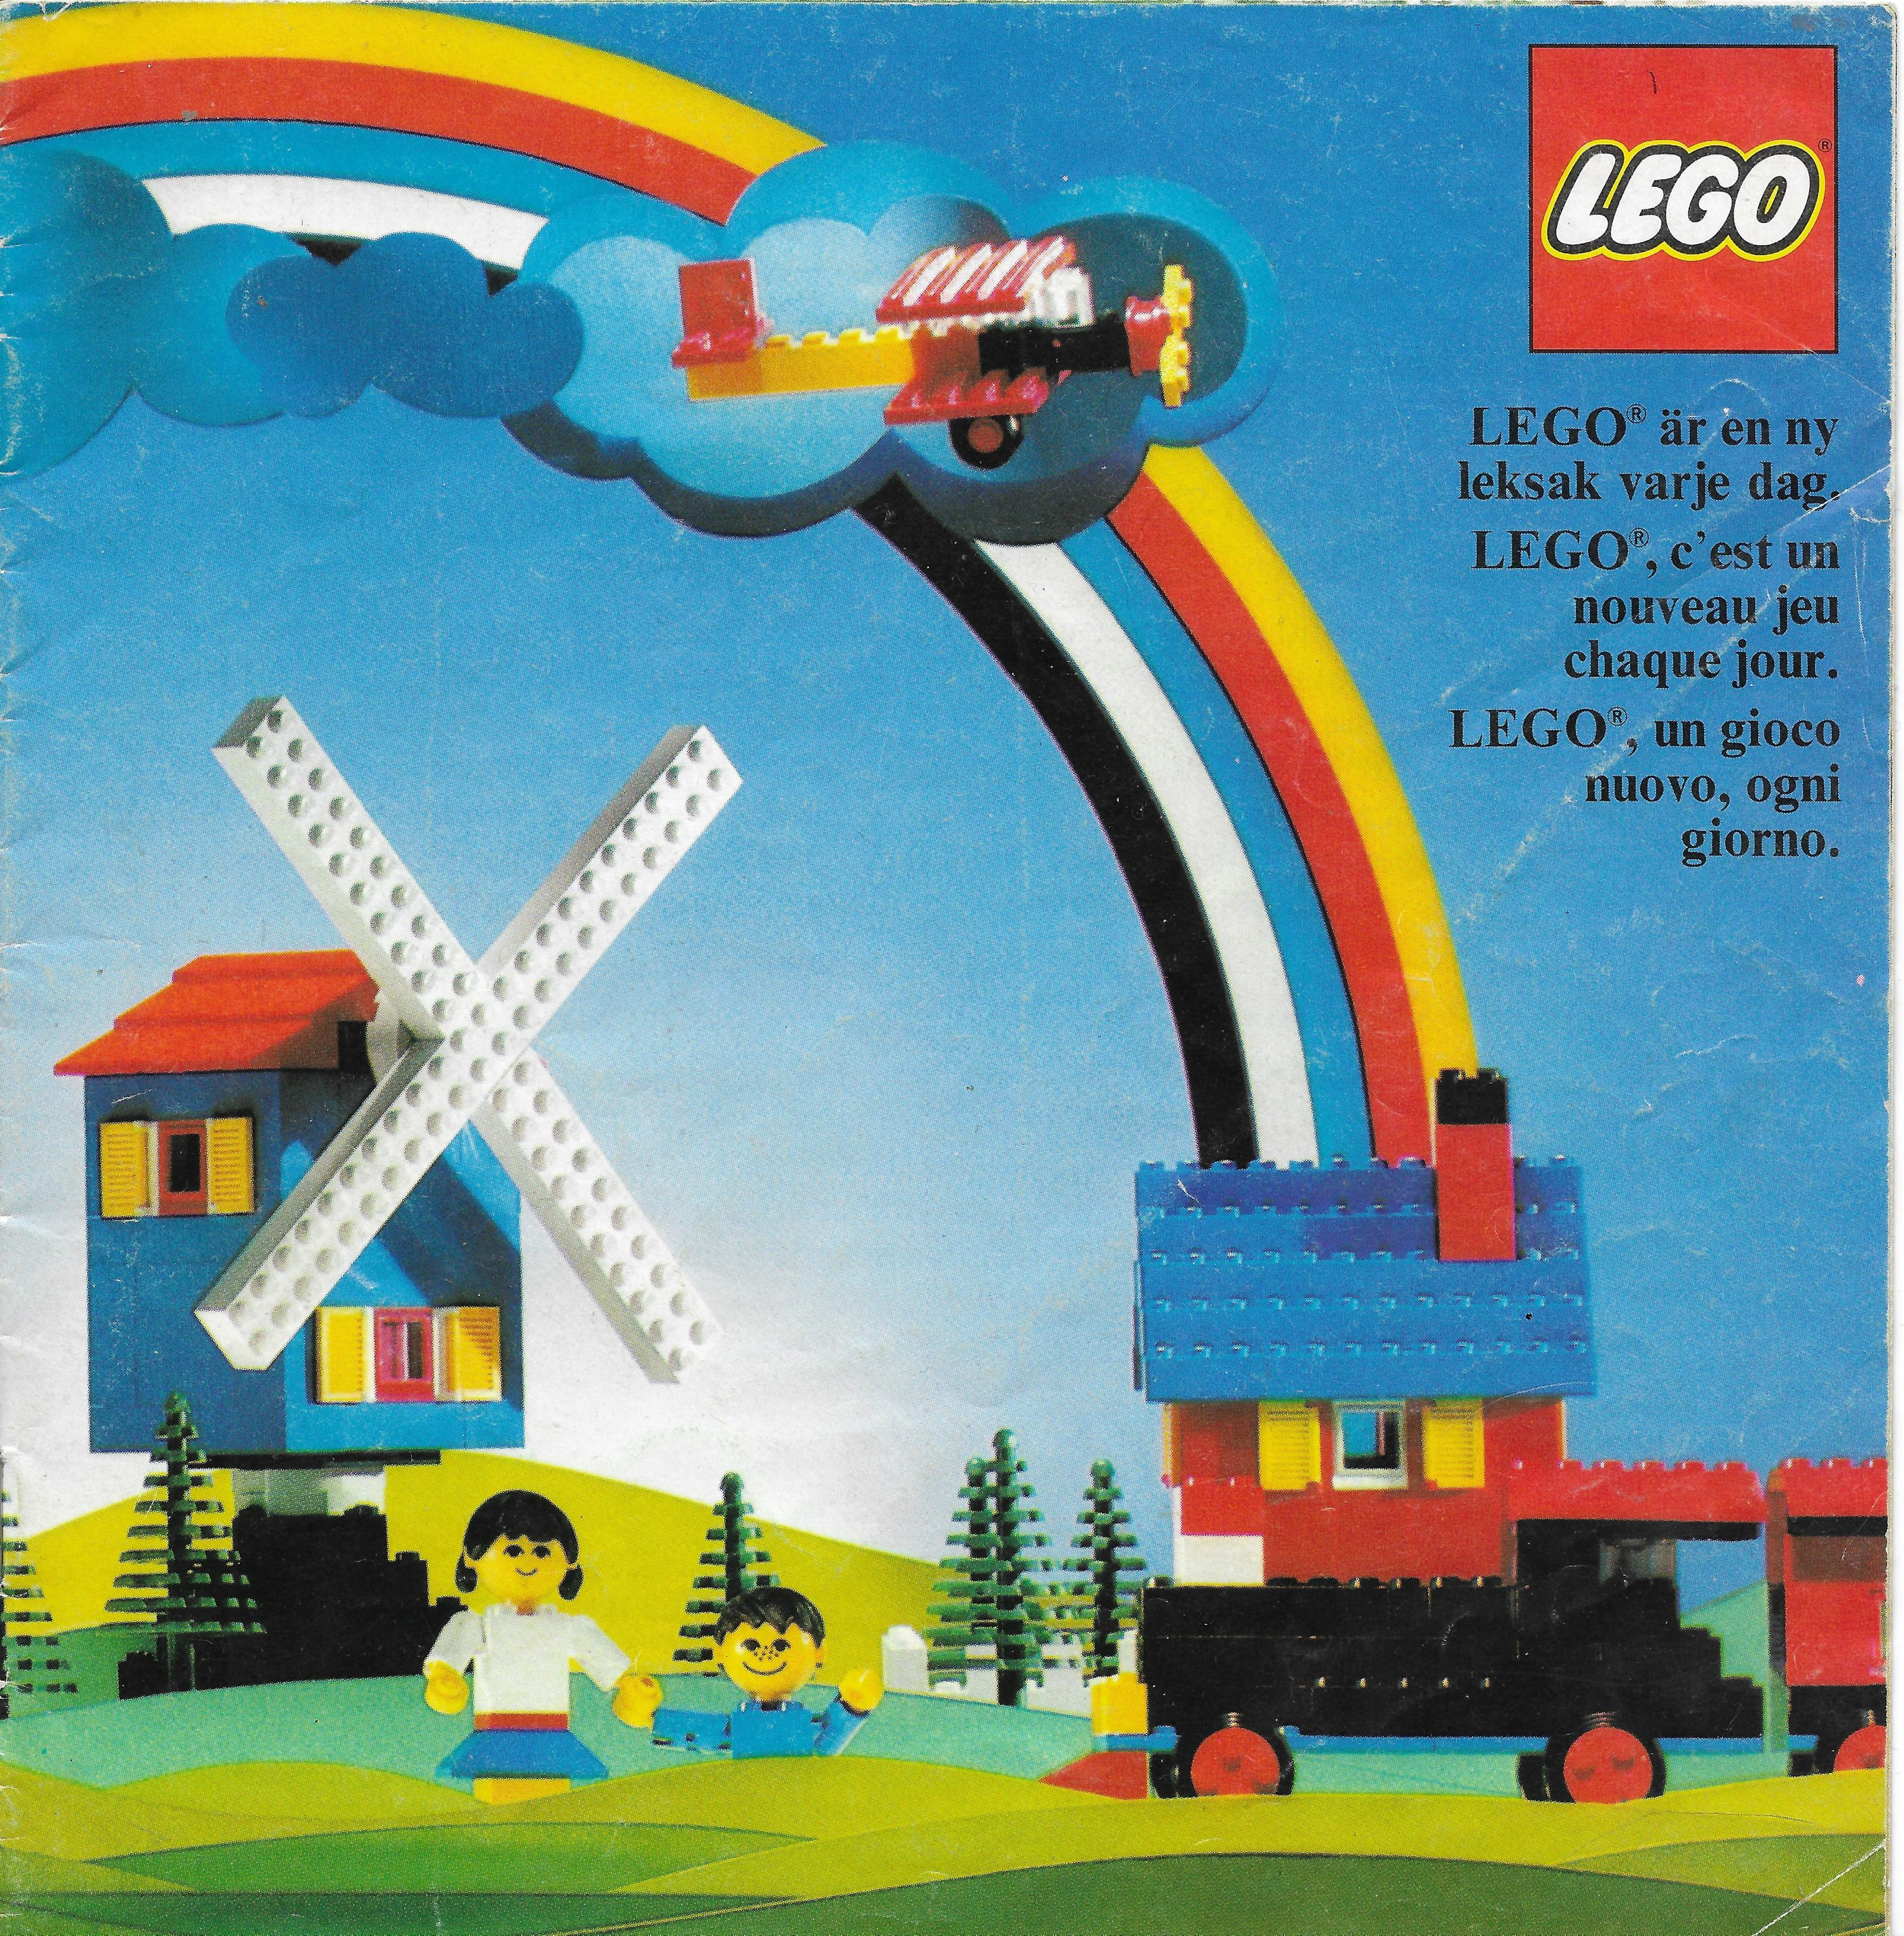 1975-ös Nyugat-Európai Lego katalógus